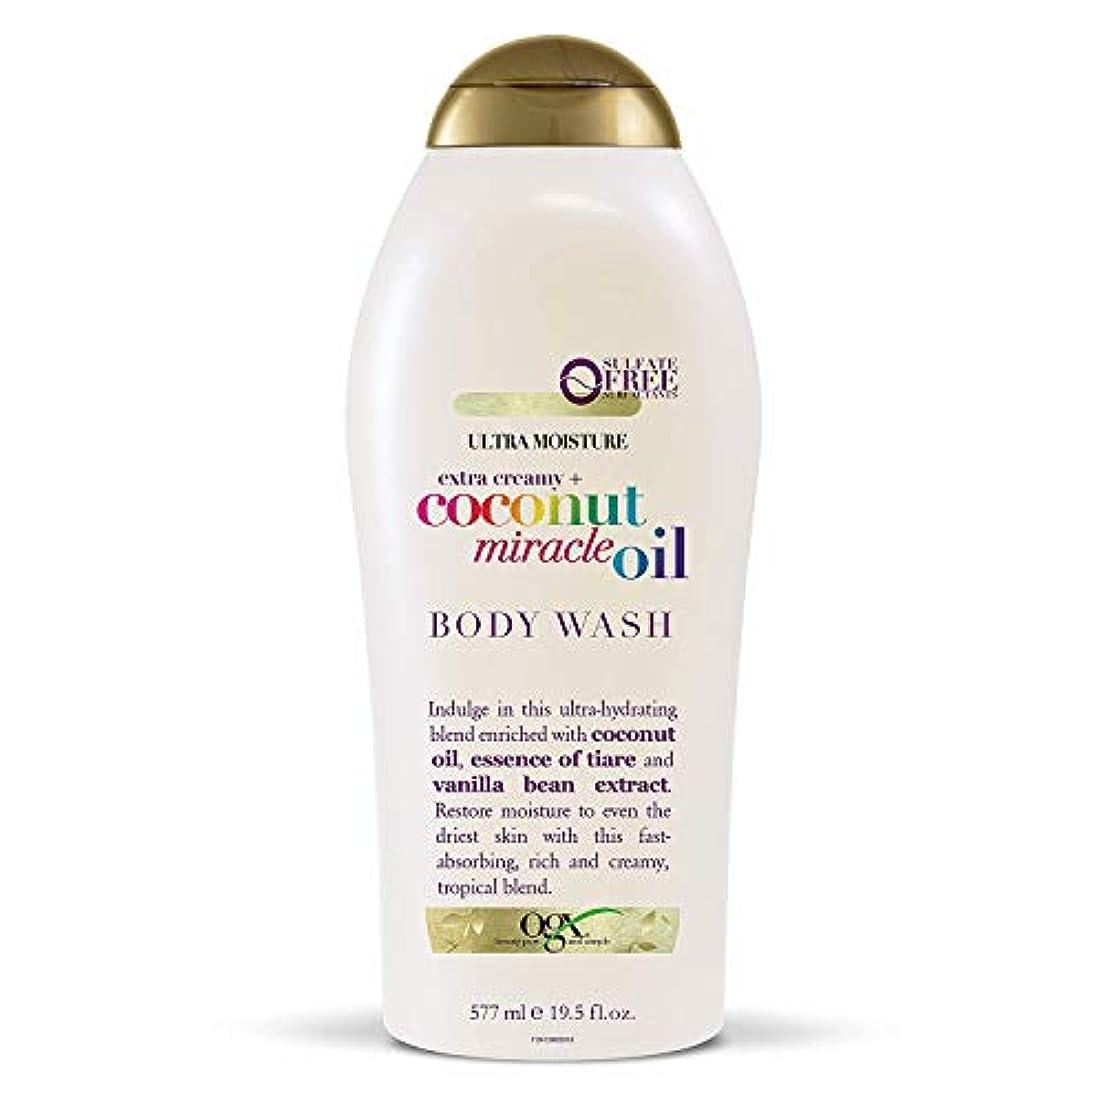 国基礎含むOgx Body Wash Coconut Miracle Oil Extra Strength 19.5oz OGX ココナッツミラクルオイル エクストラストレングス ボディウォッシュ 577ml [並行輸入品]